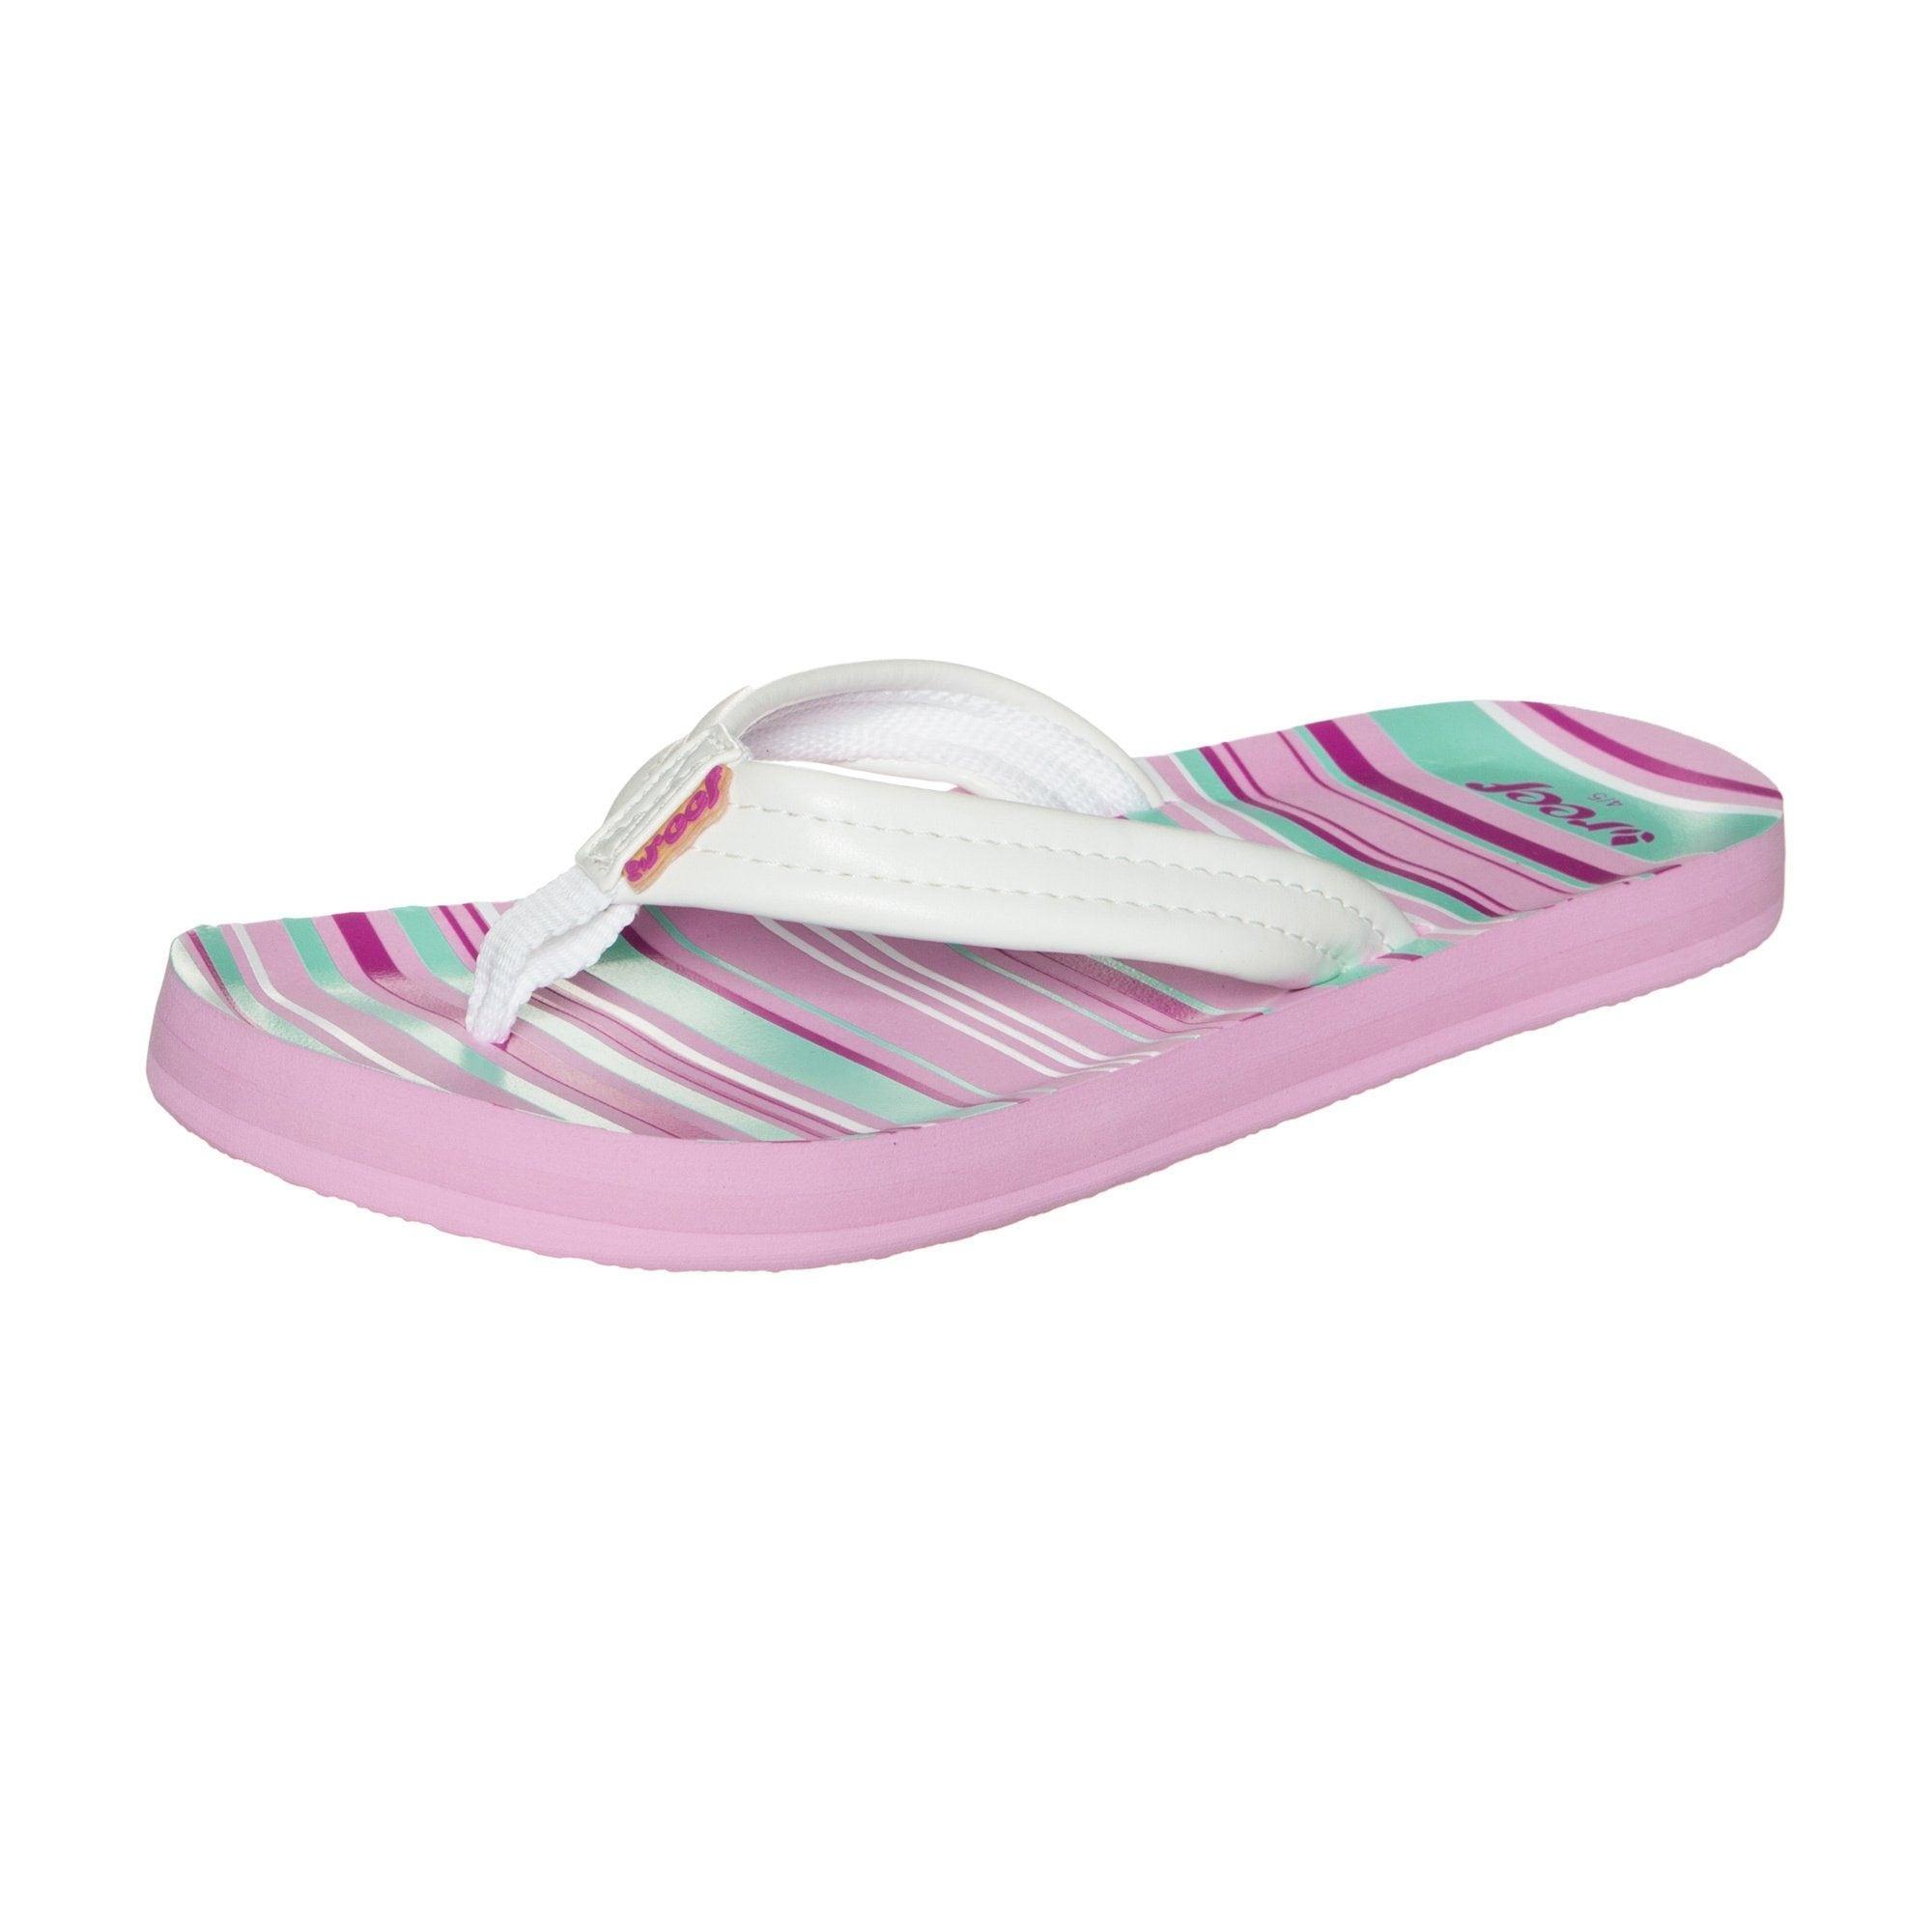 best sneakers fd56c 4ffb8 Reef Little Ahi Zehentrenner Kinder